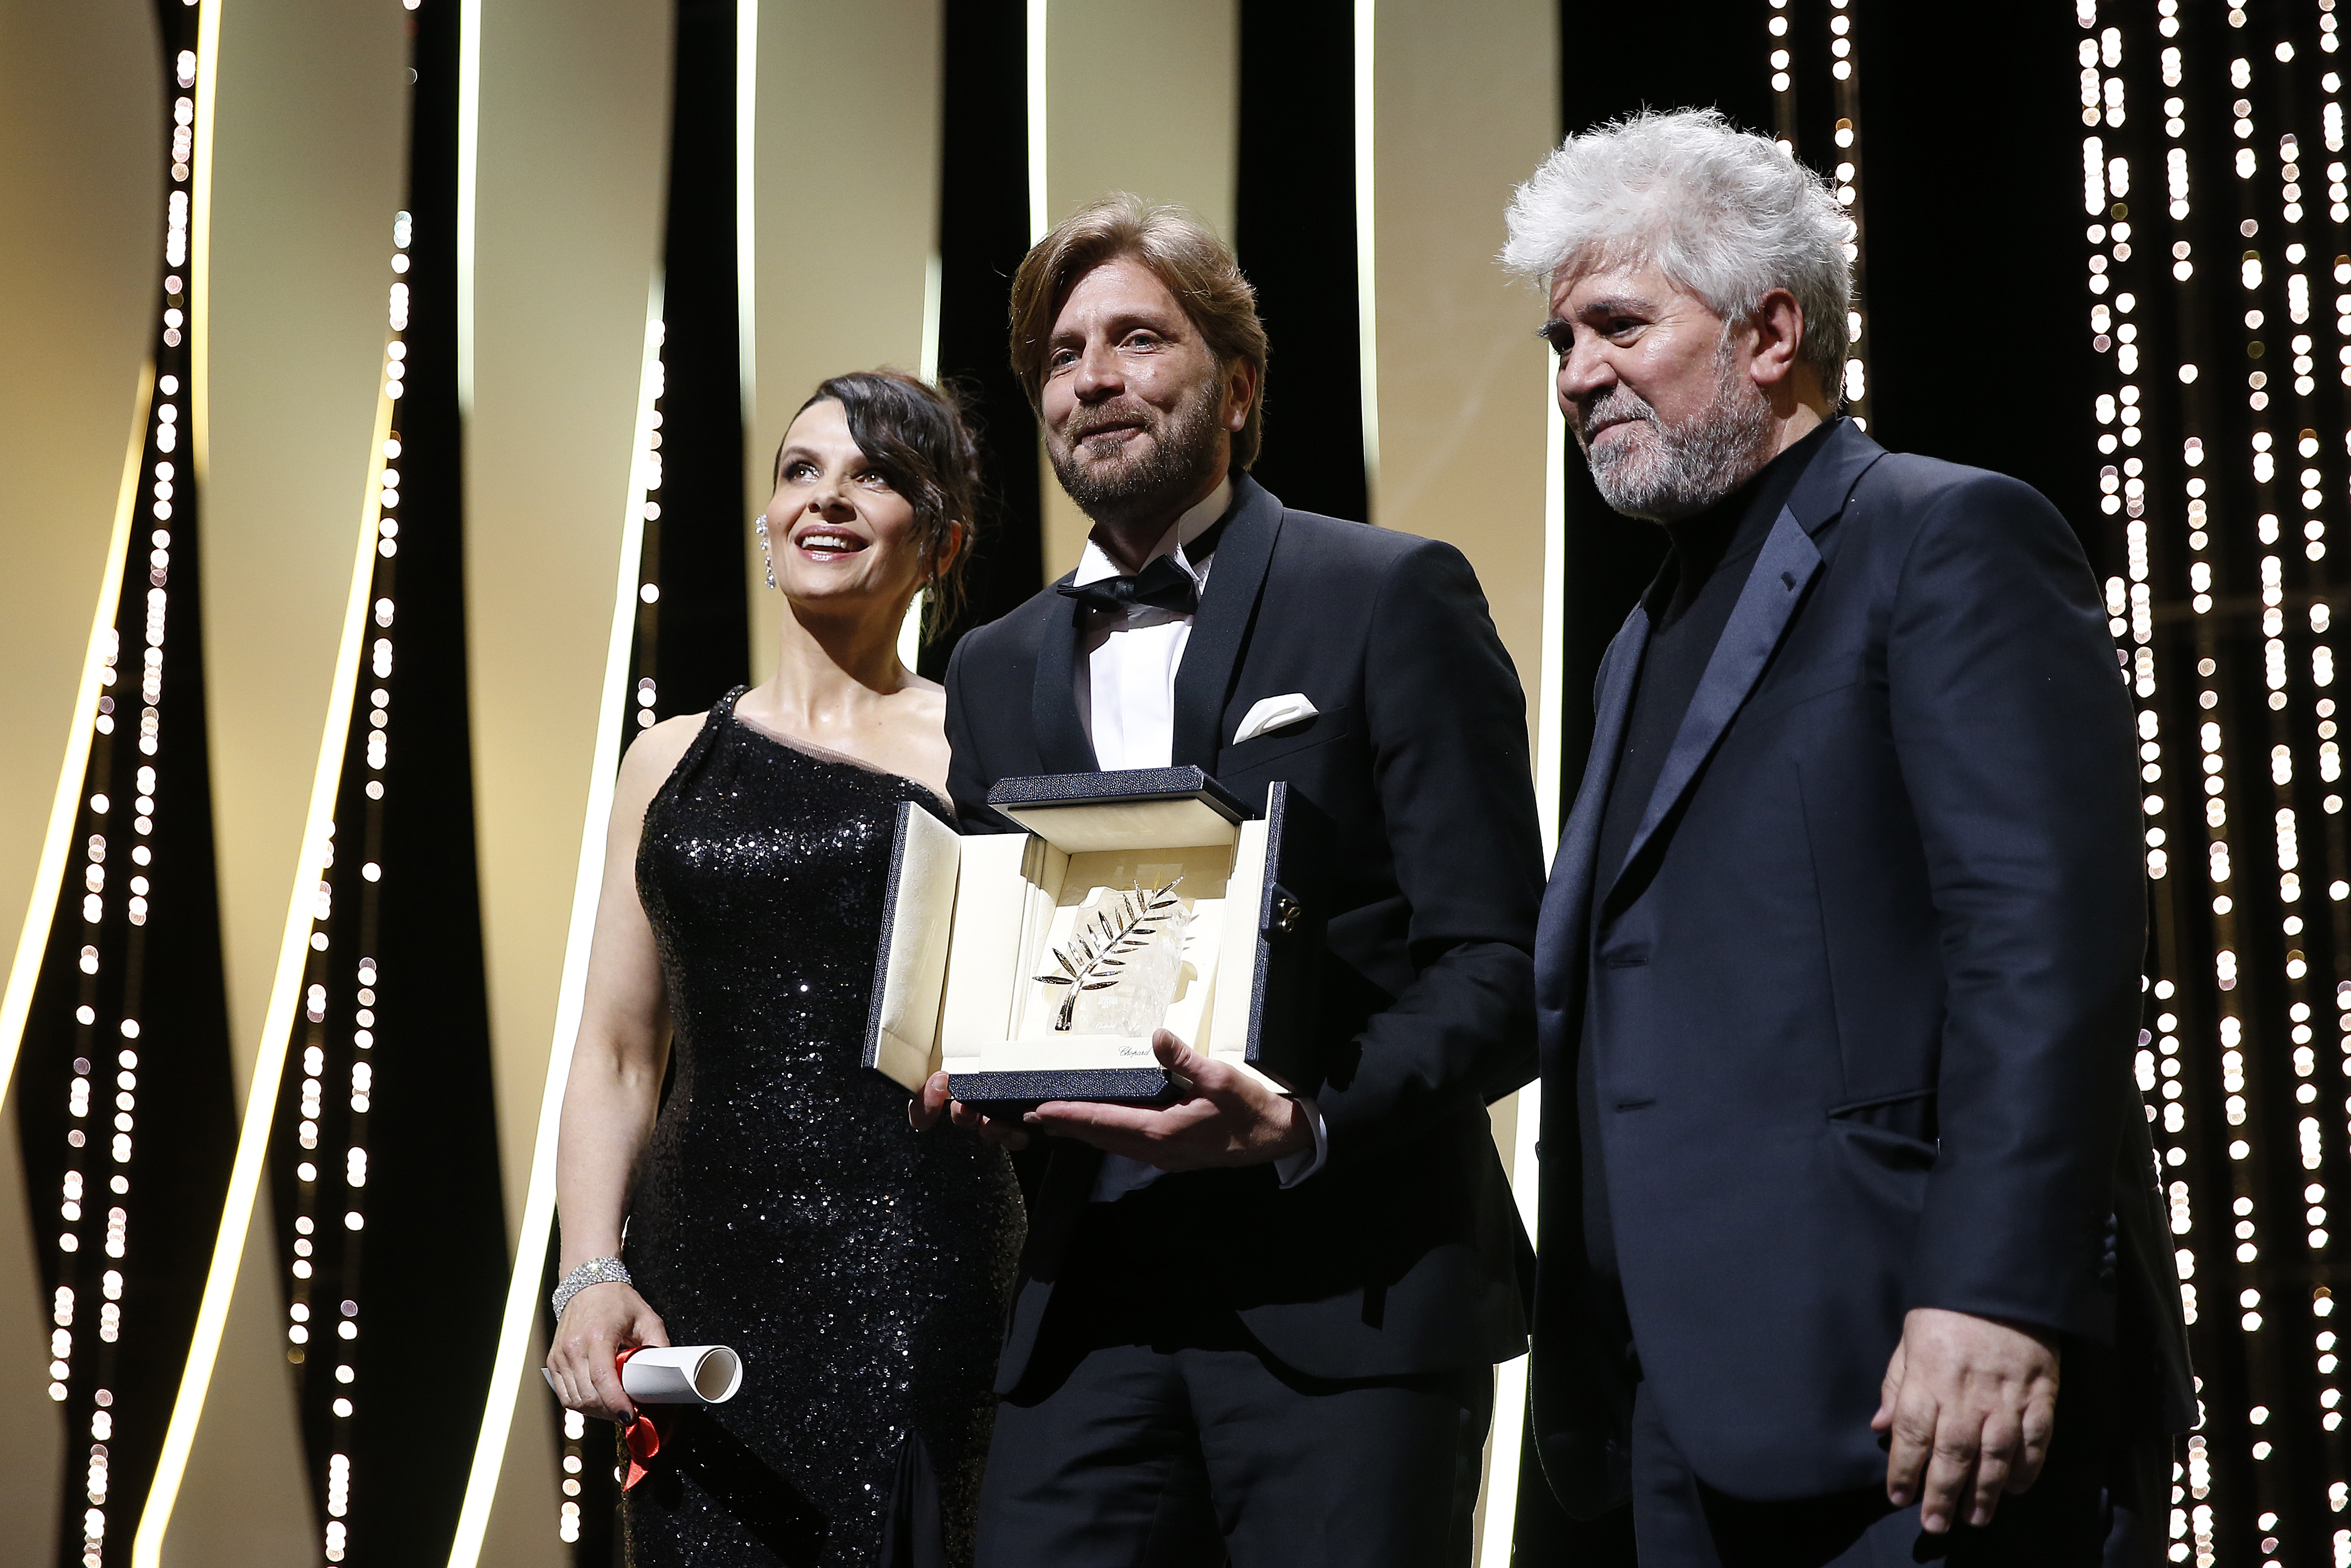 Фильм Звягинцева «Нелюбовь» получил приз жюри Каннского кинофестиваля